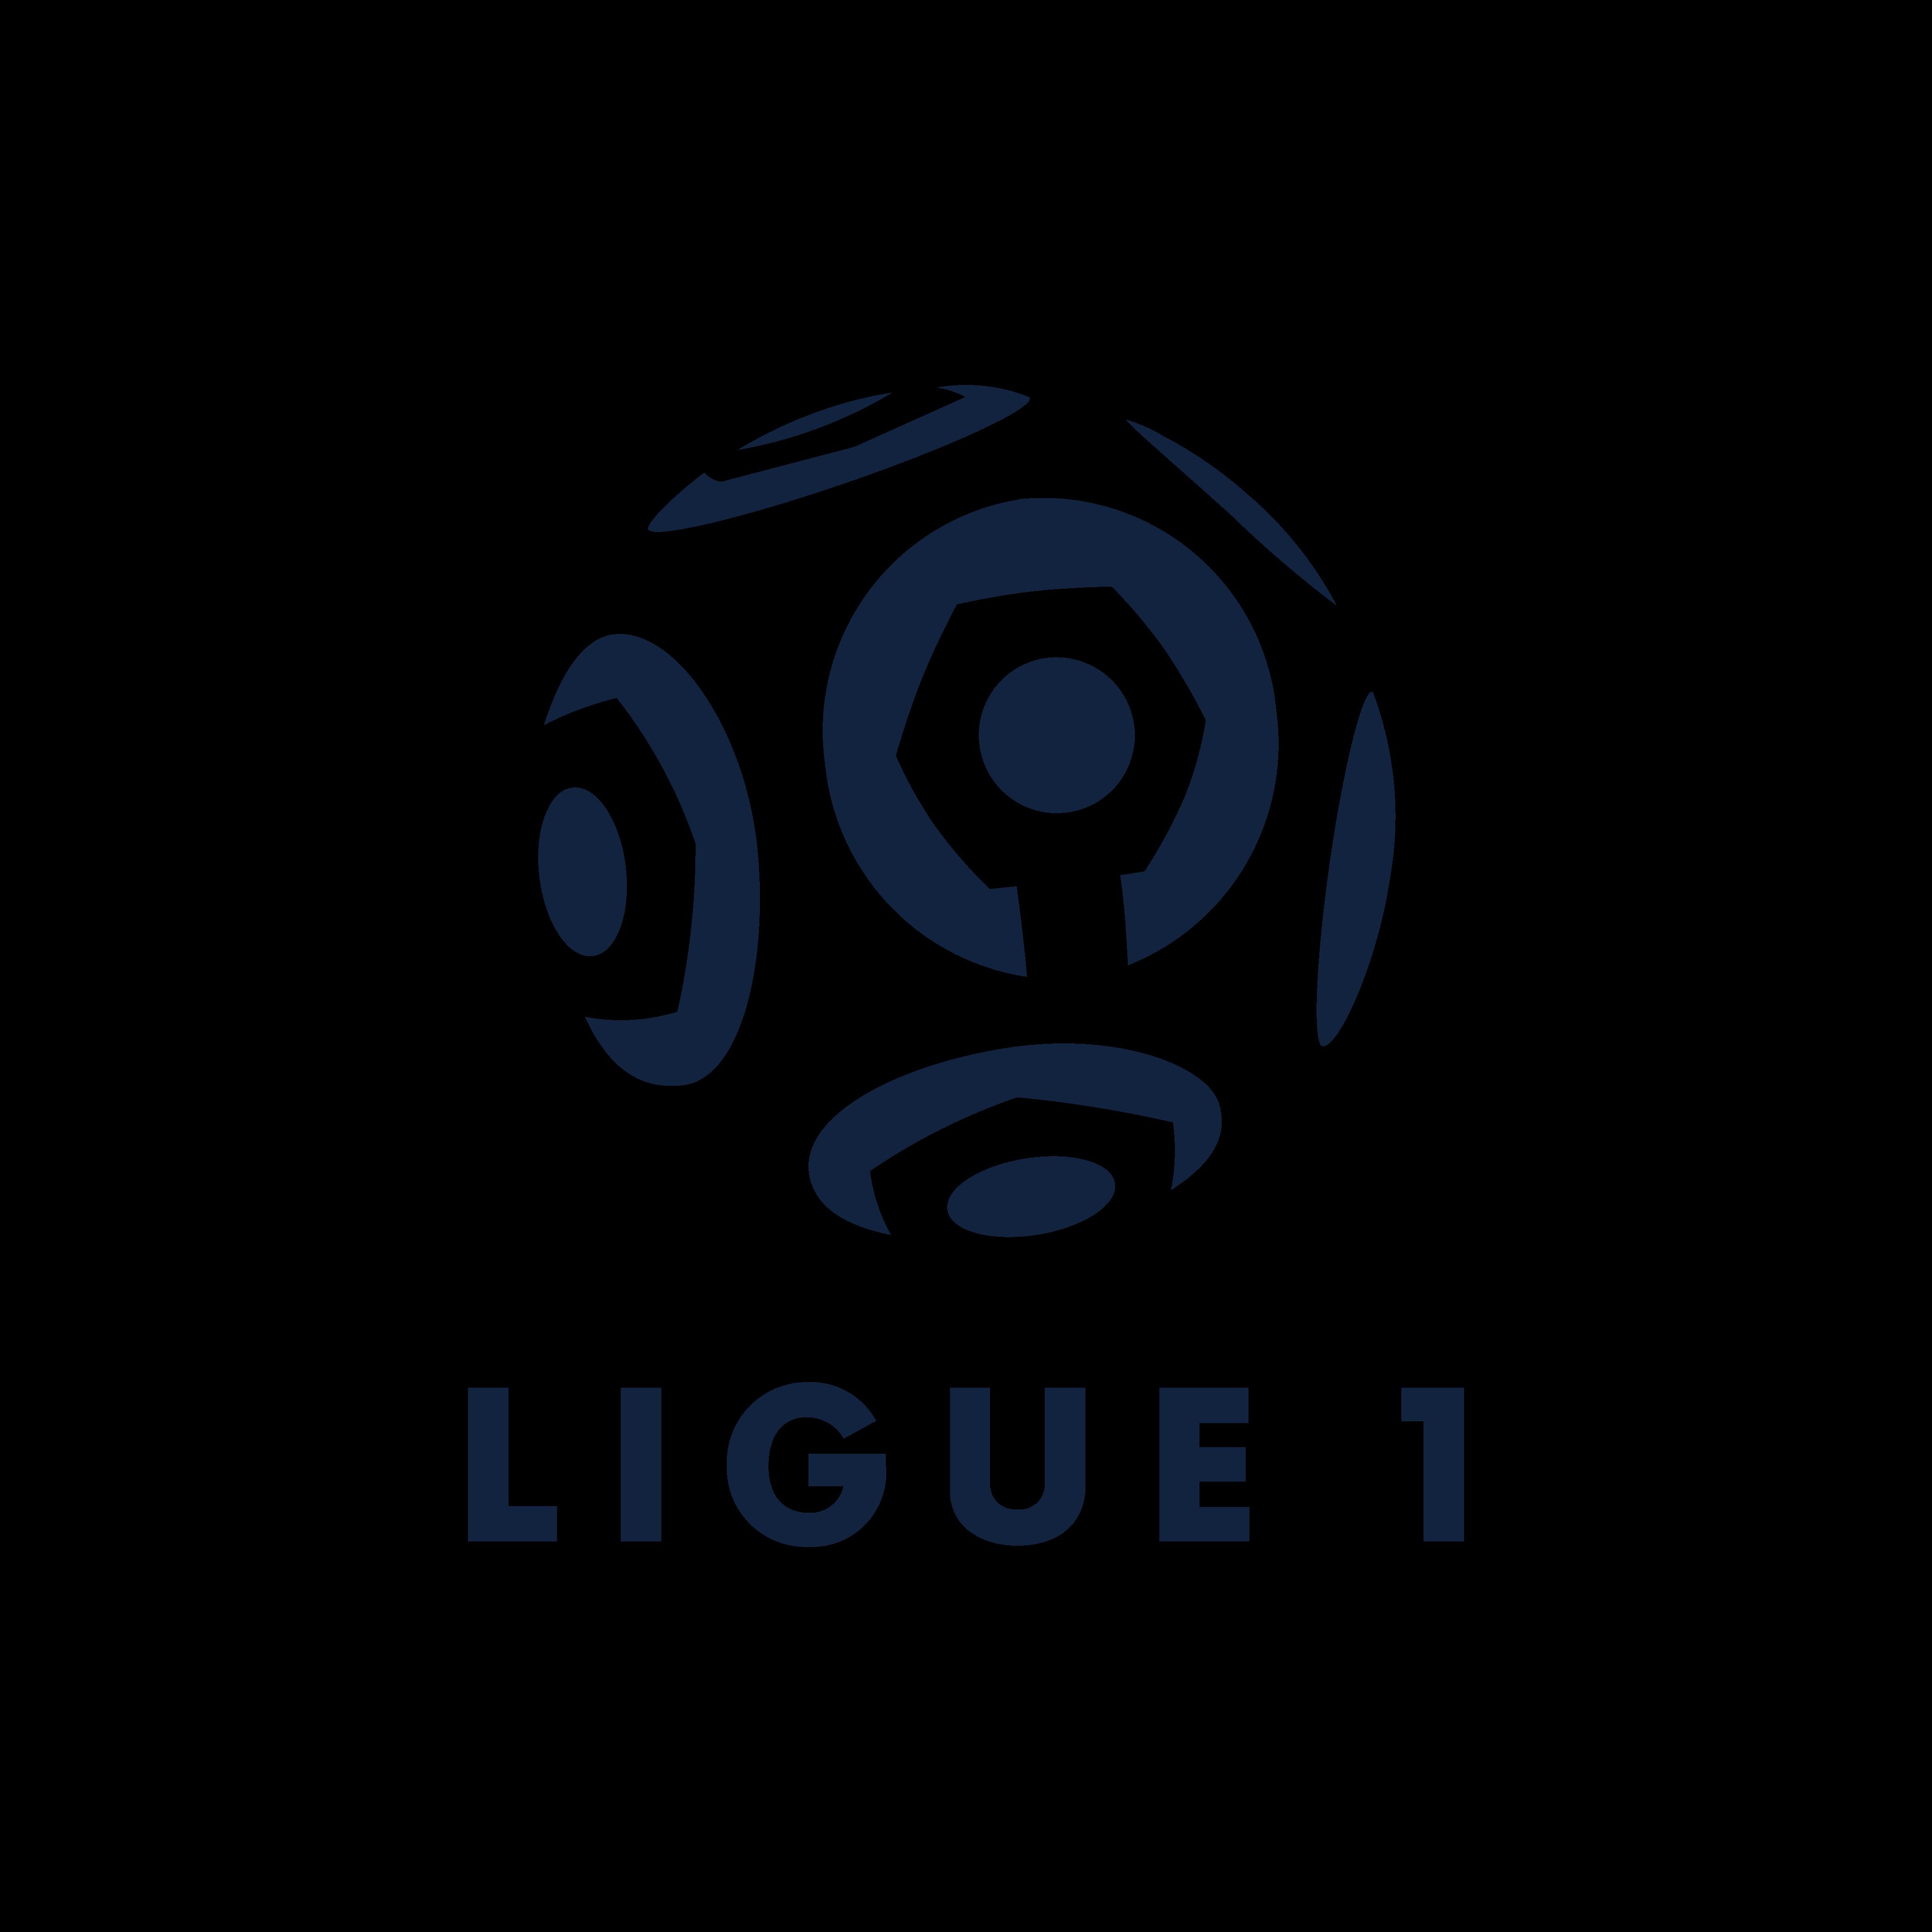 ligue-1-logo-0